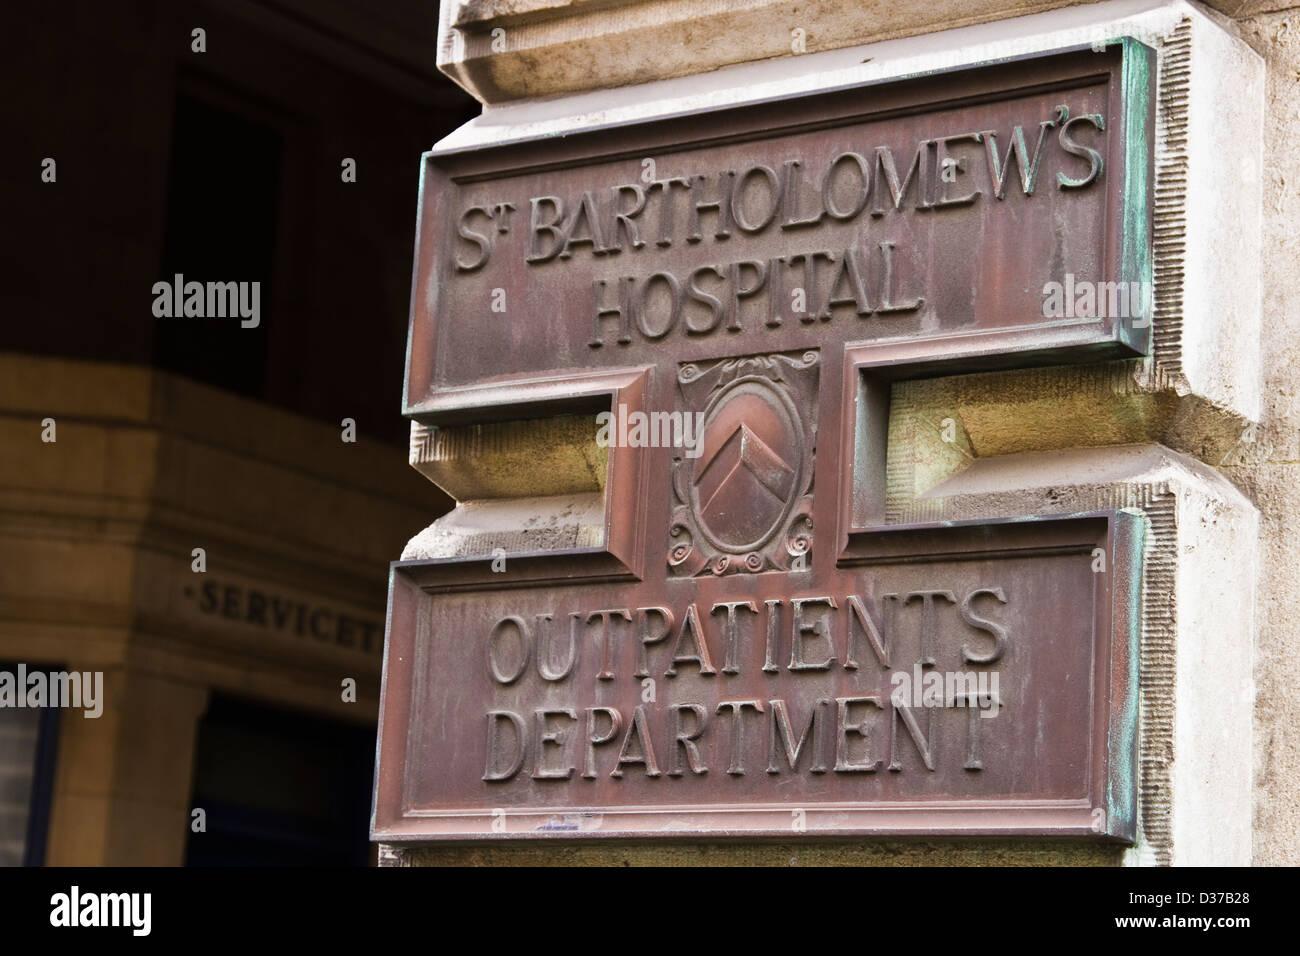 St.Bartholomew's hospital - Stock Image